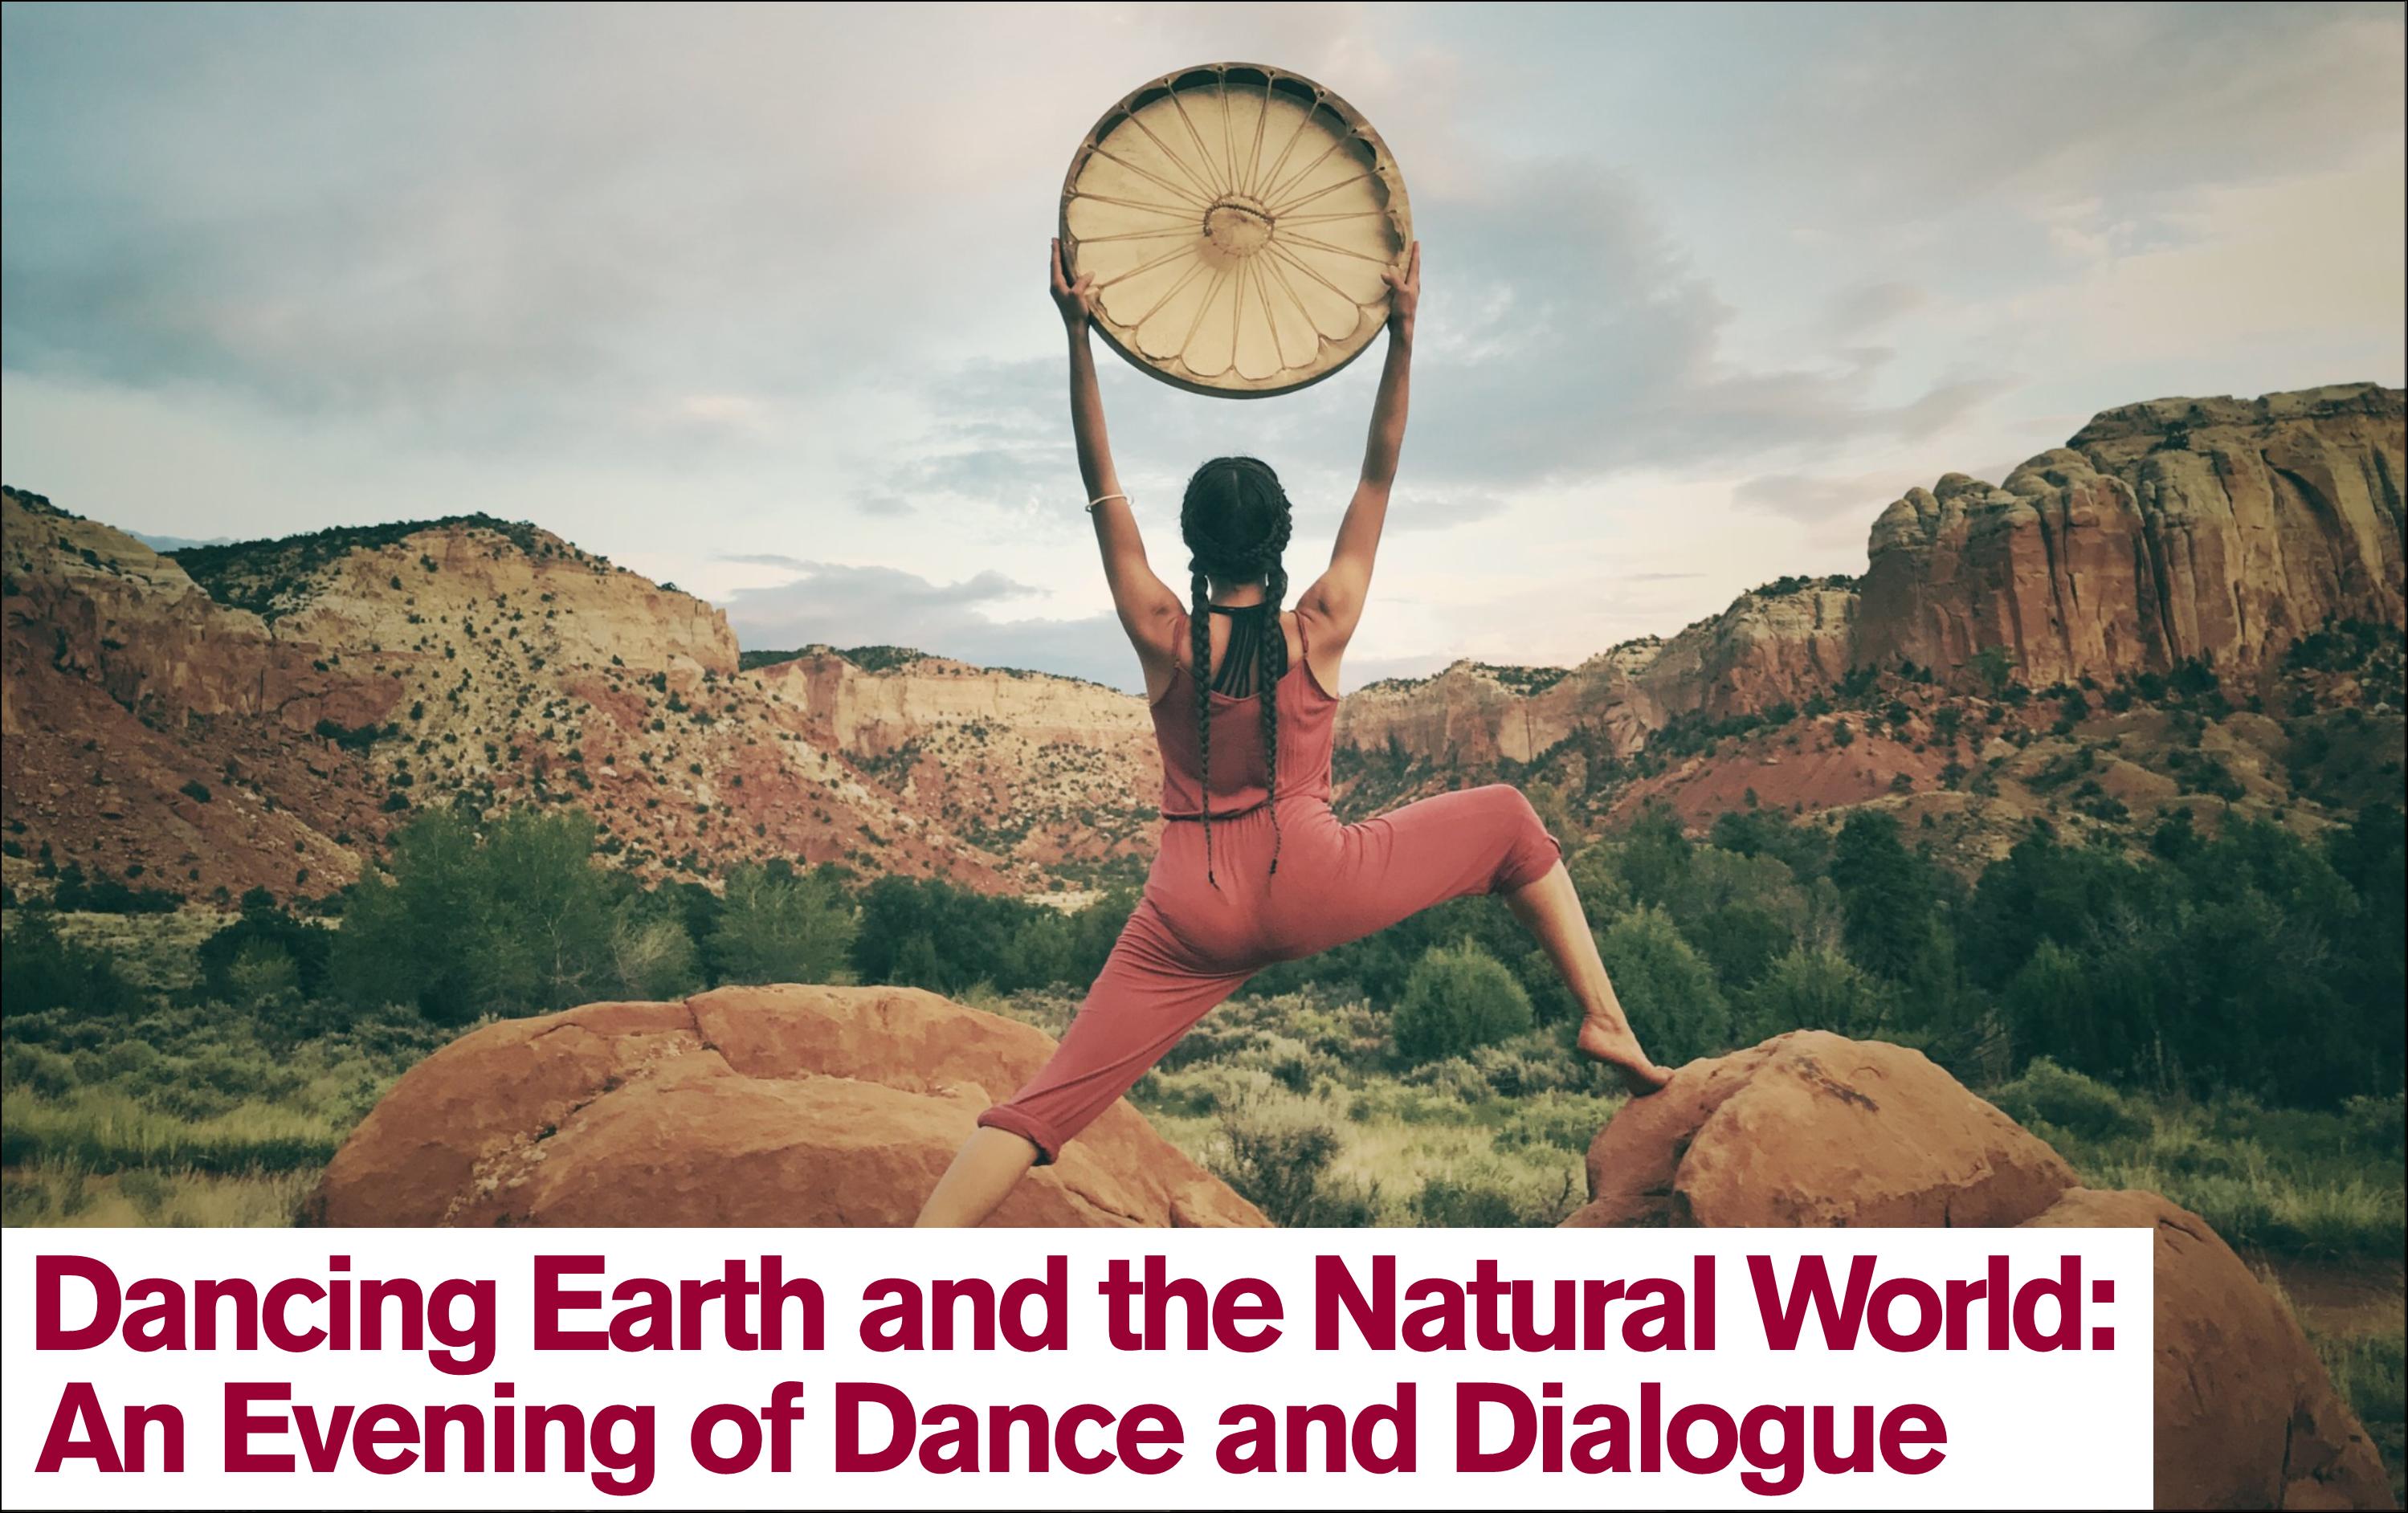 Dancing Earth image